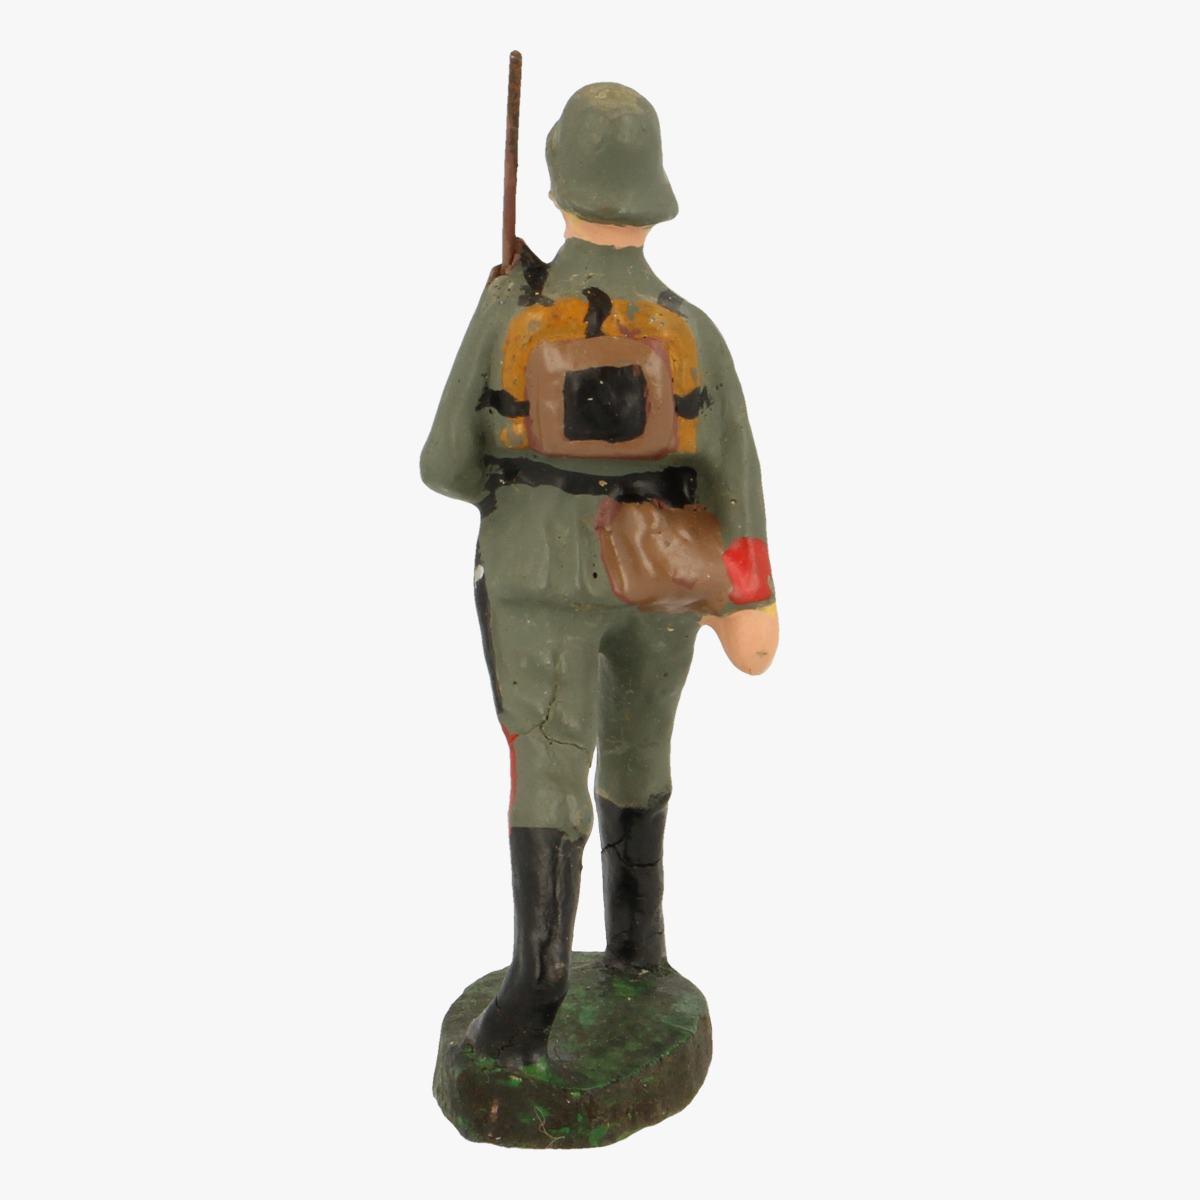 Afbeeldingen van elastolin soldaatje